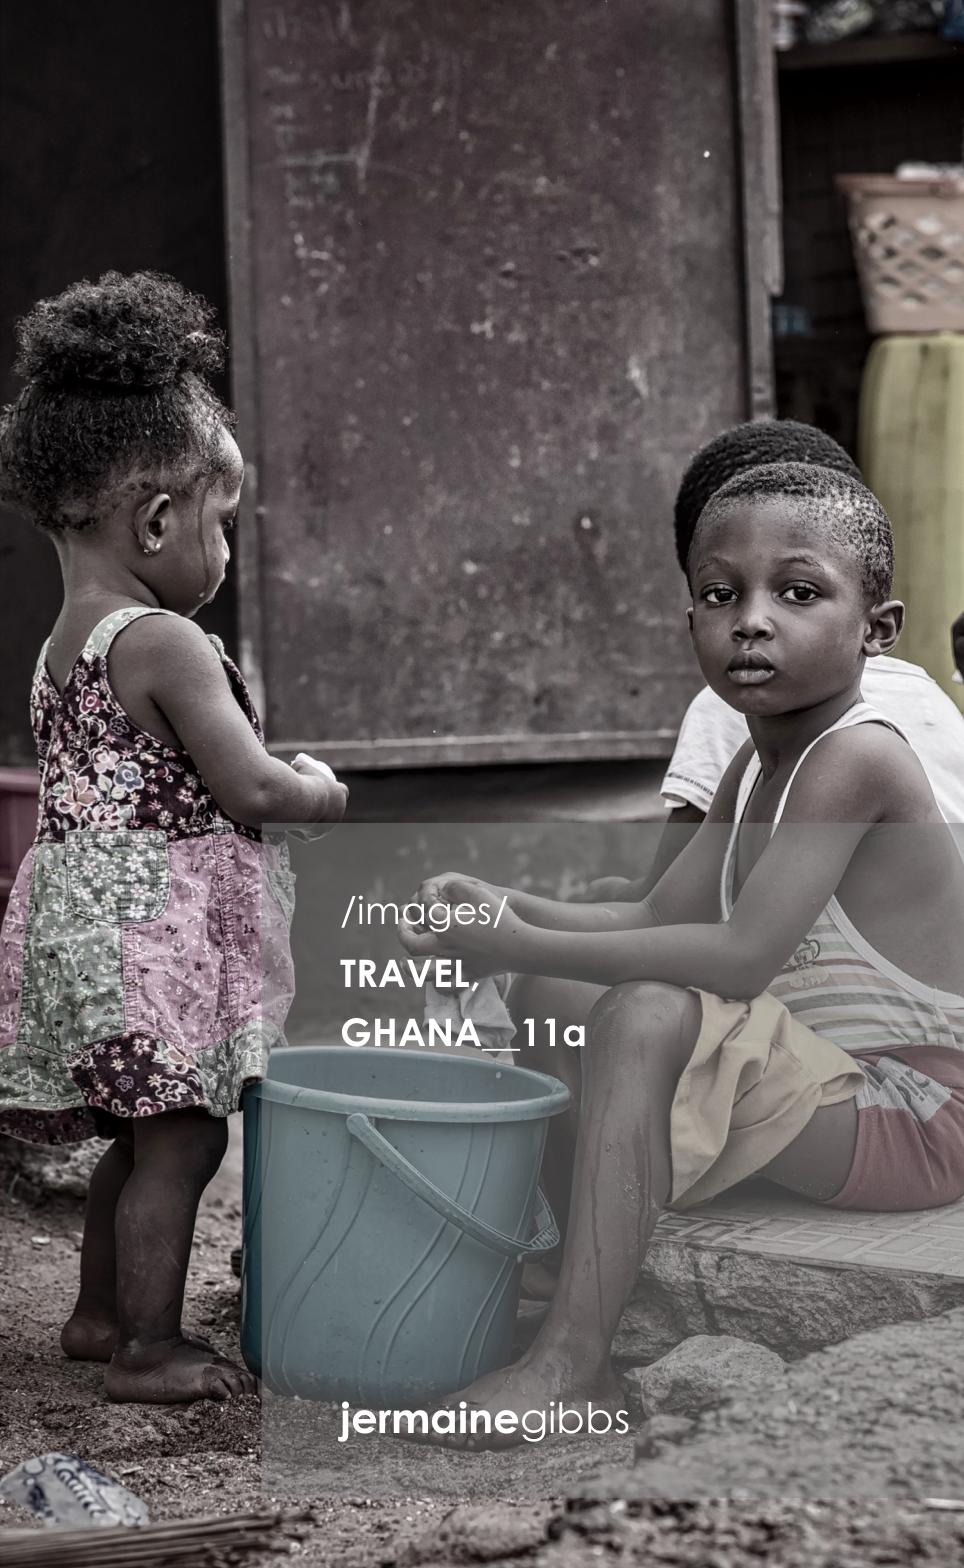 Travel_Ghana__11a